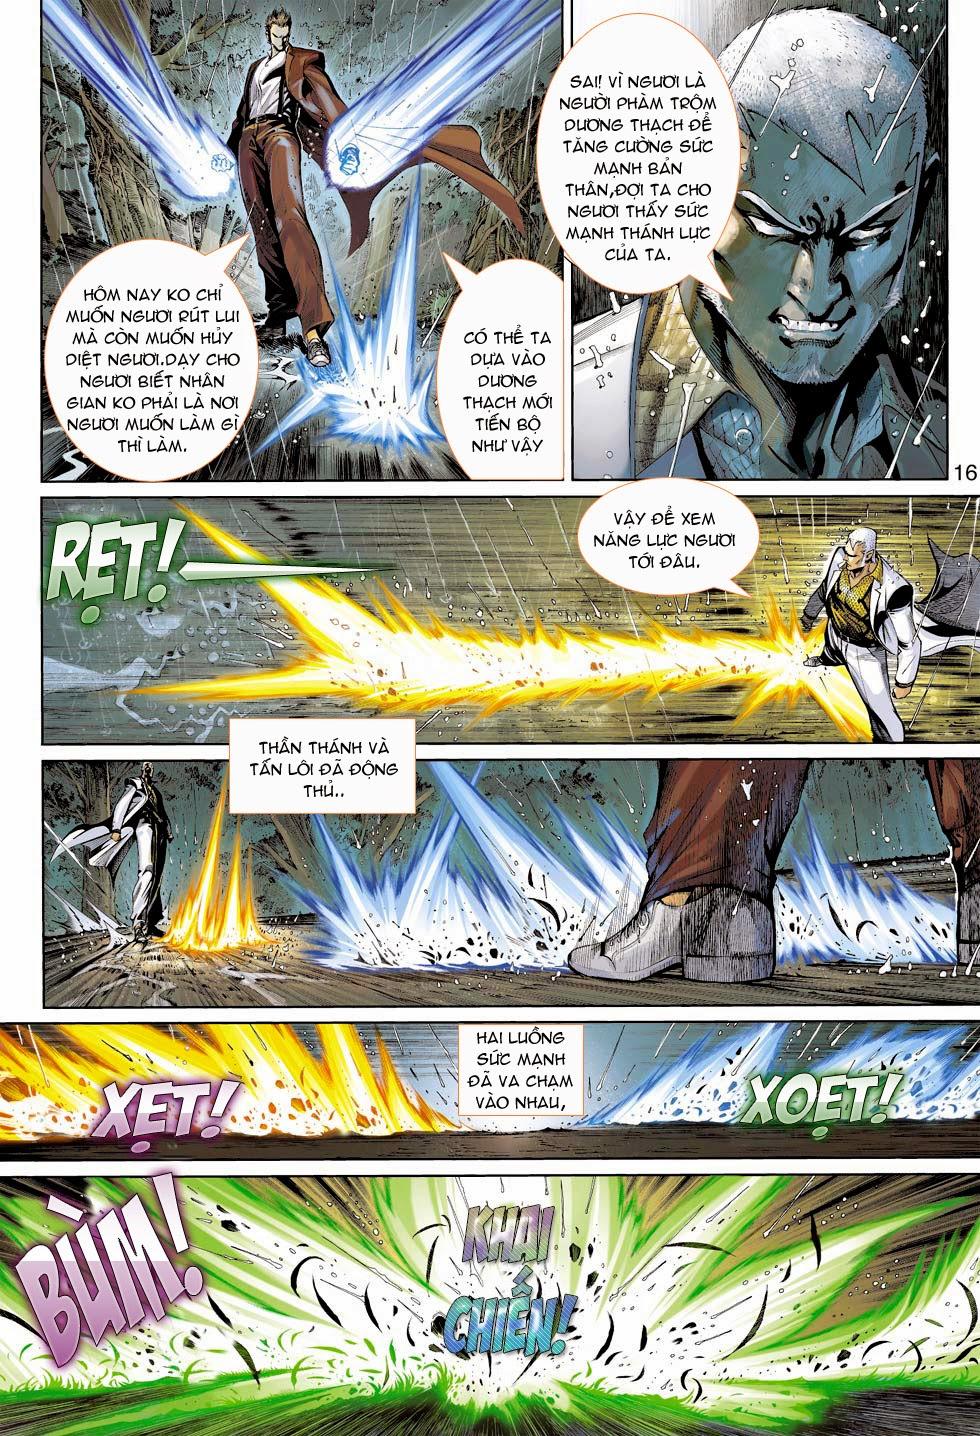 Thần Binh 4 chap 26 - Trang 17